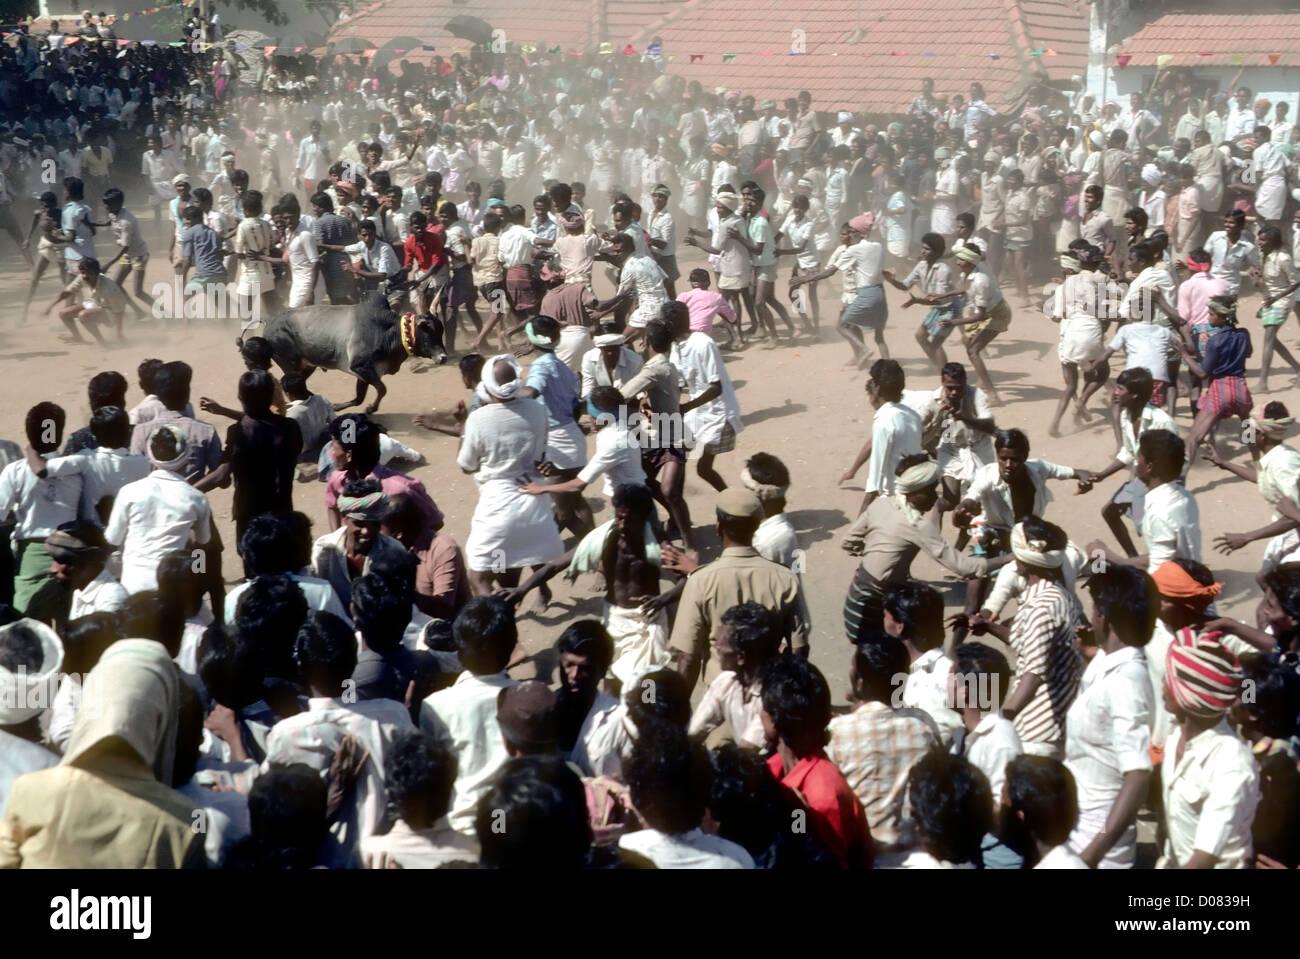 Jallikattu;Bull taming at Chatharappatti near Madurai,Tamil Nadu,India. - Stock Image